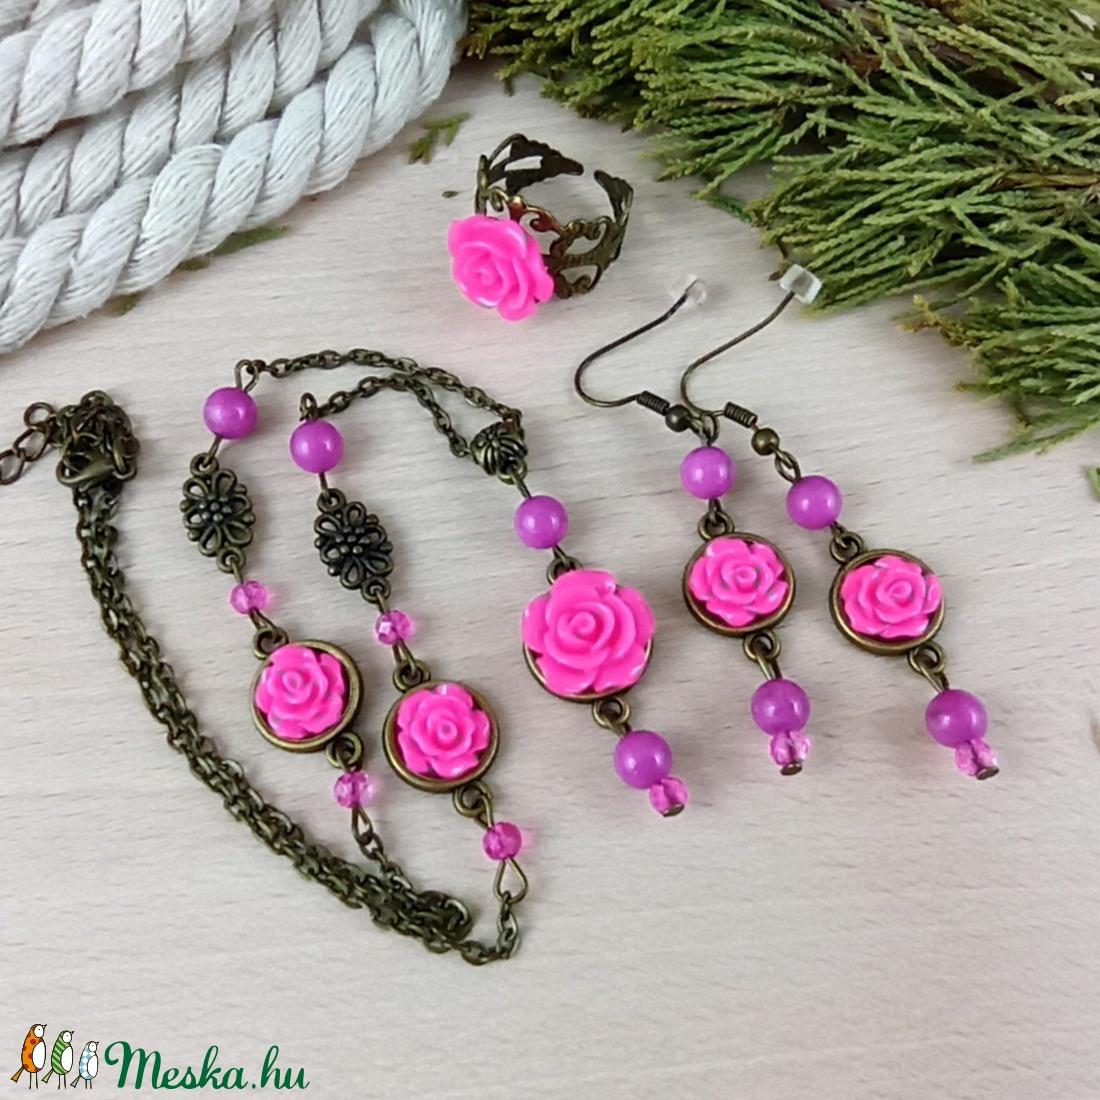 #55 pink rózsás szett nyaklánc fülbevaló karkötő vintage esküvő alkalmi koszorúslány örömanya menyasszony násznagy - ékszer - ékszerszett - Meska.hu